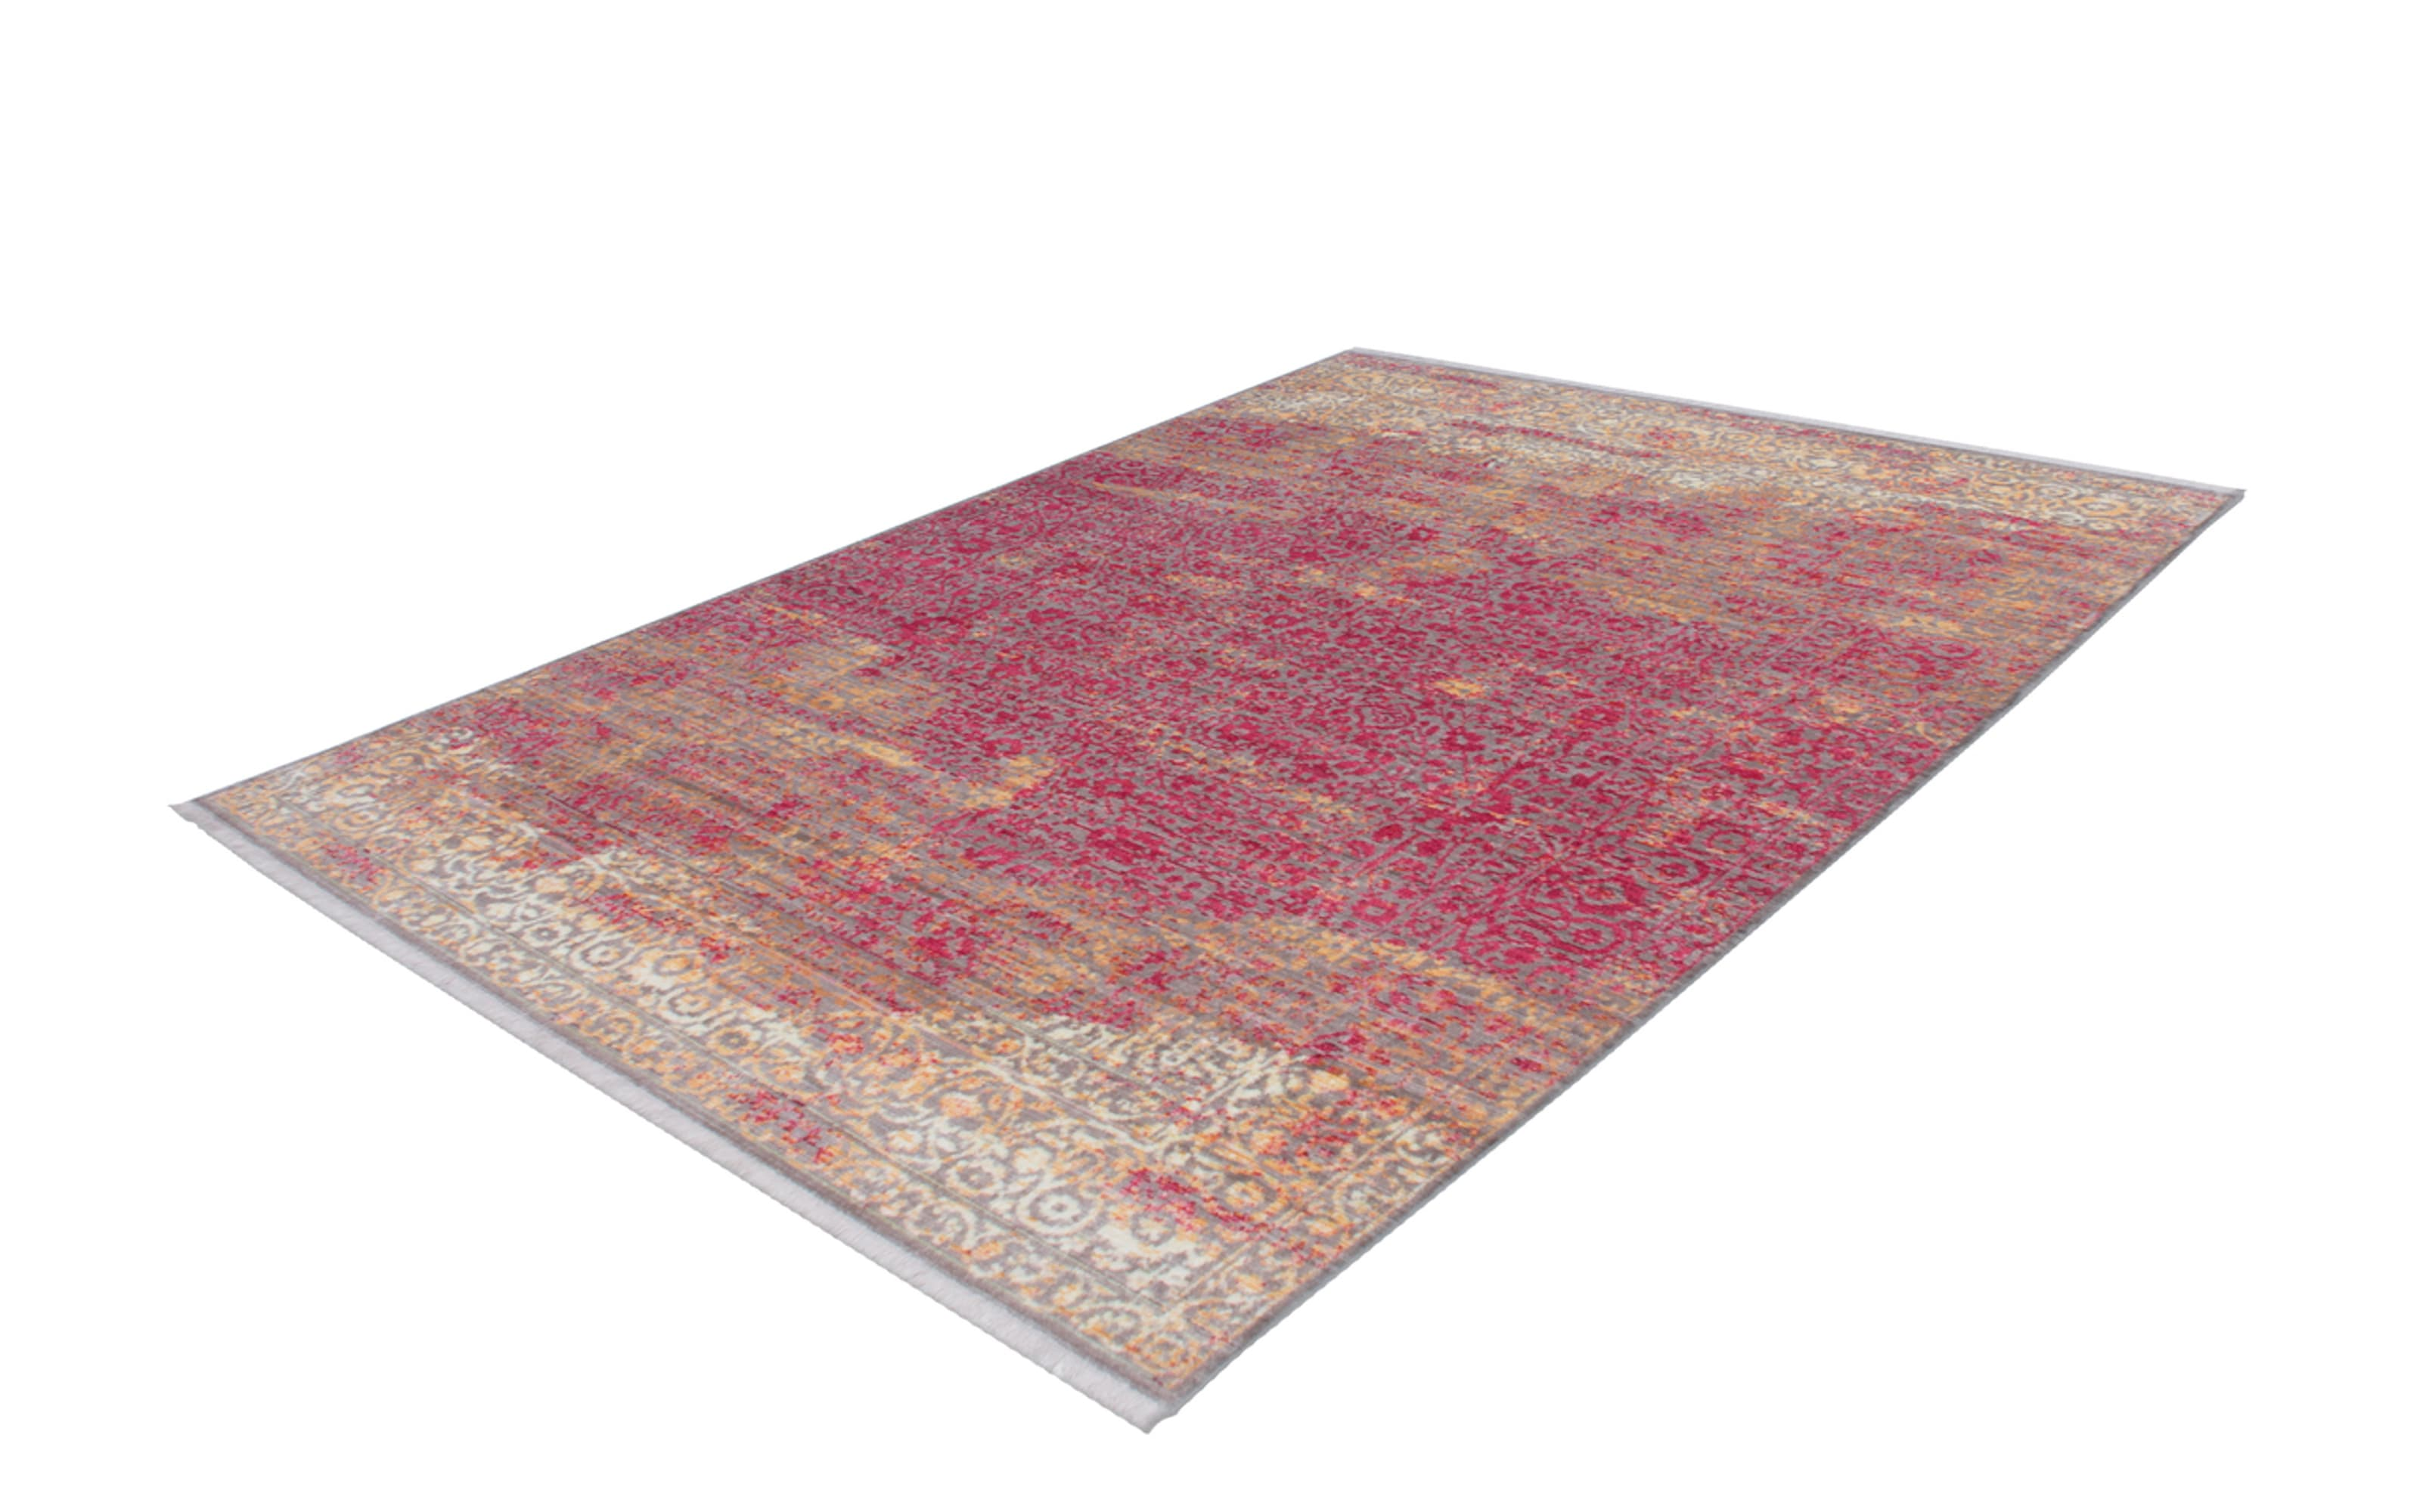 Teppich Antigua 200 in orange/rot, 120 x 170 cm